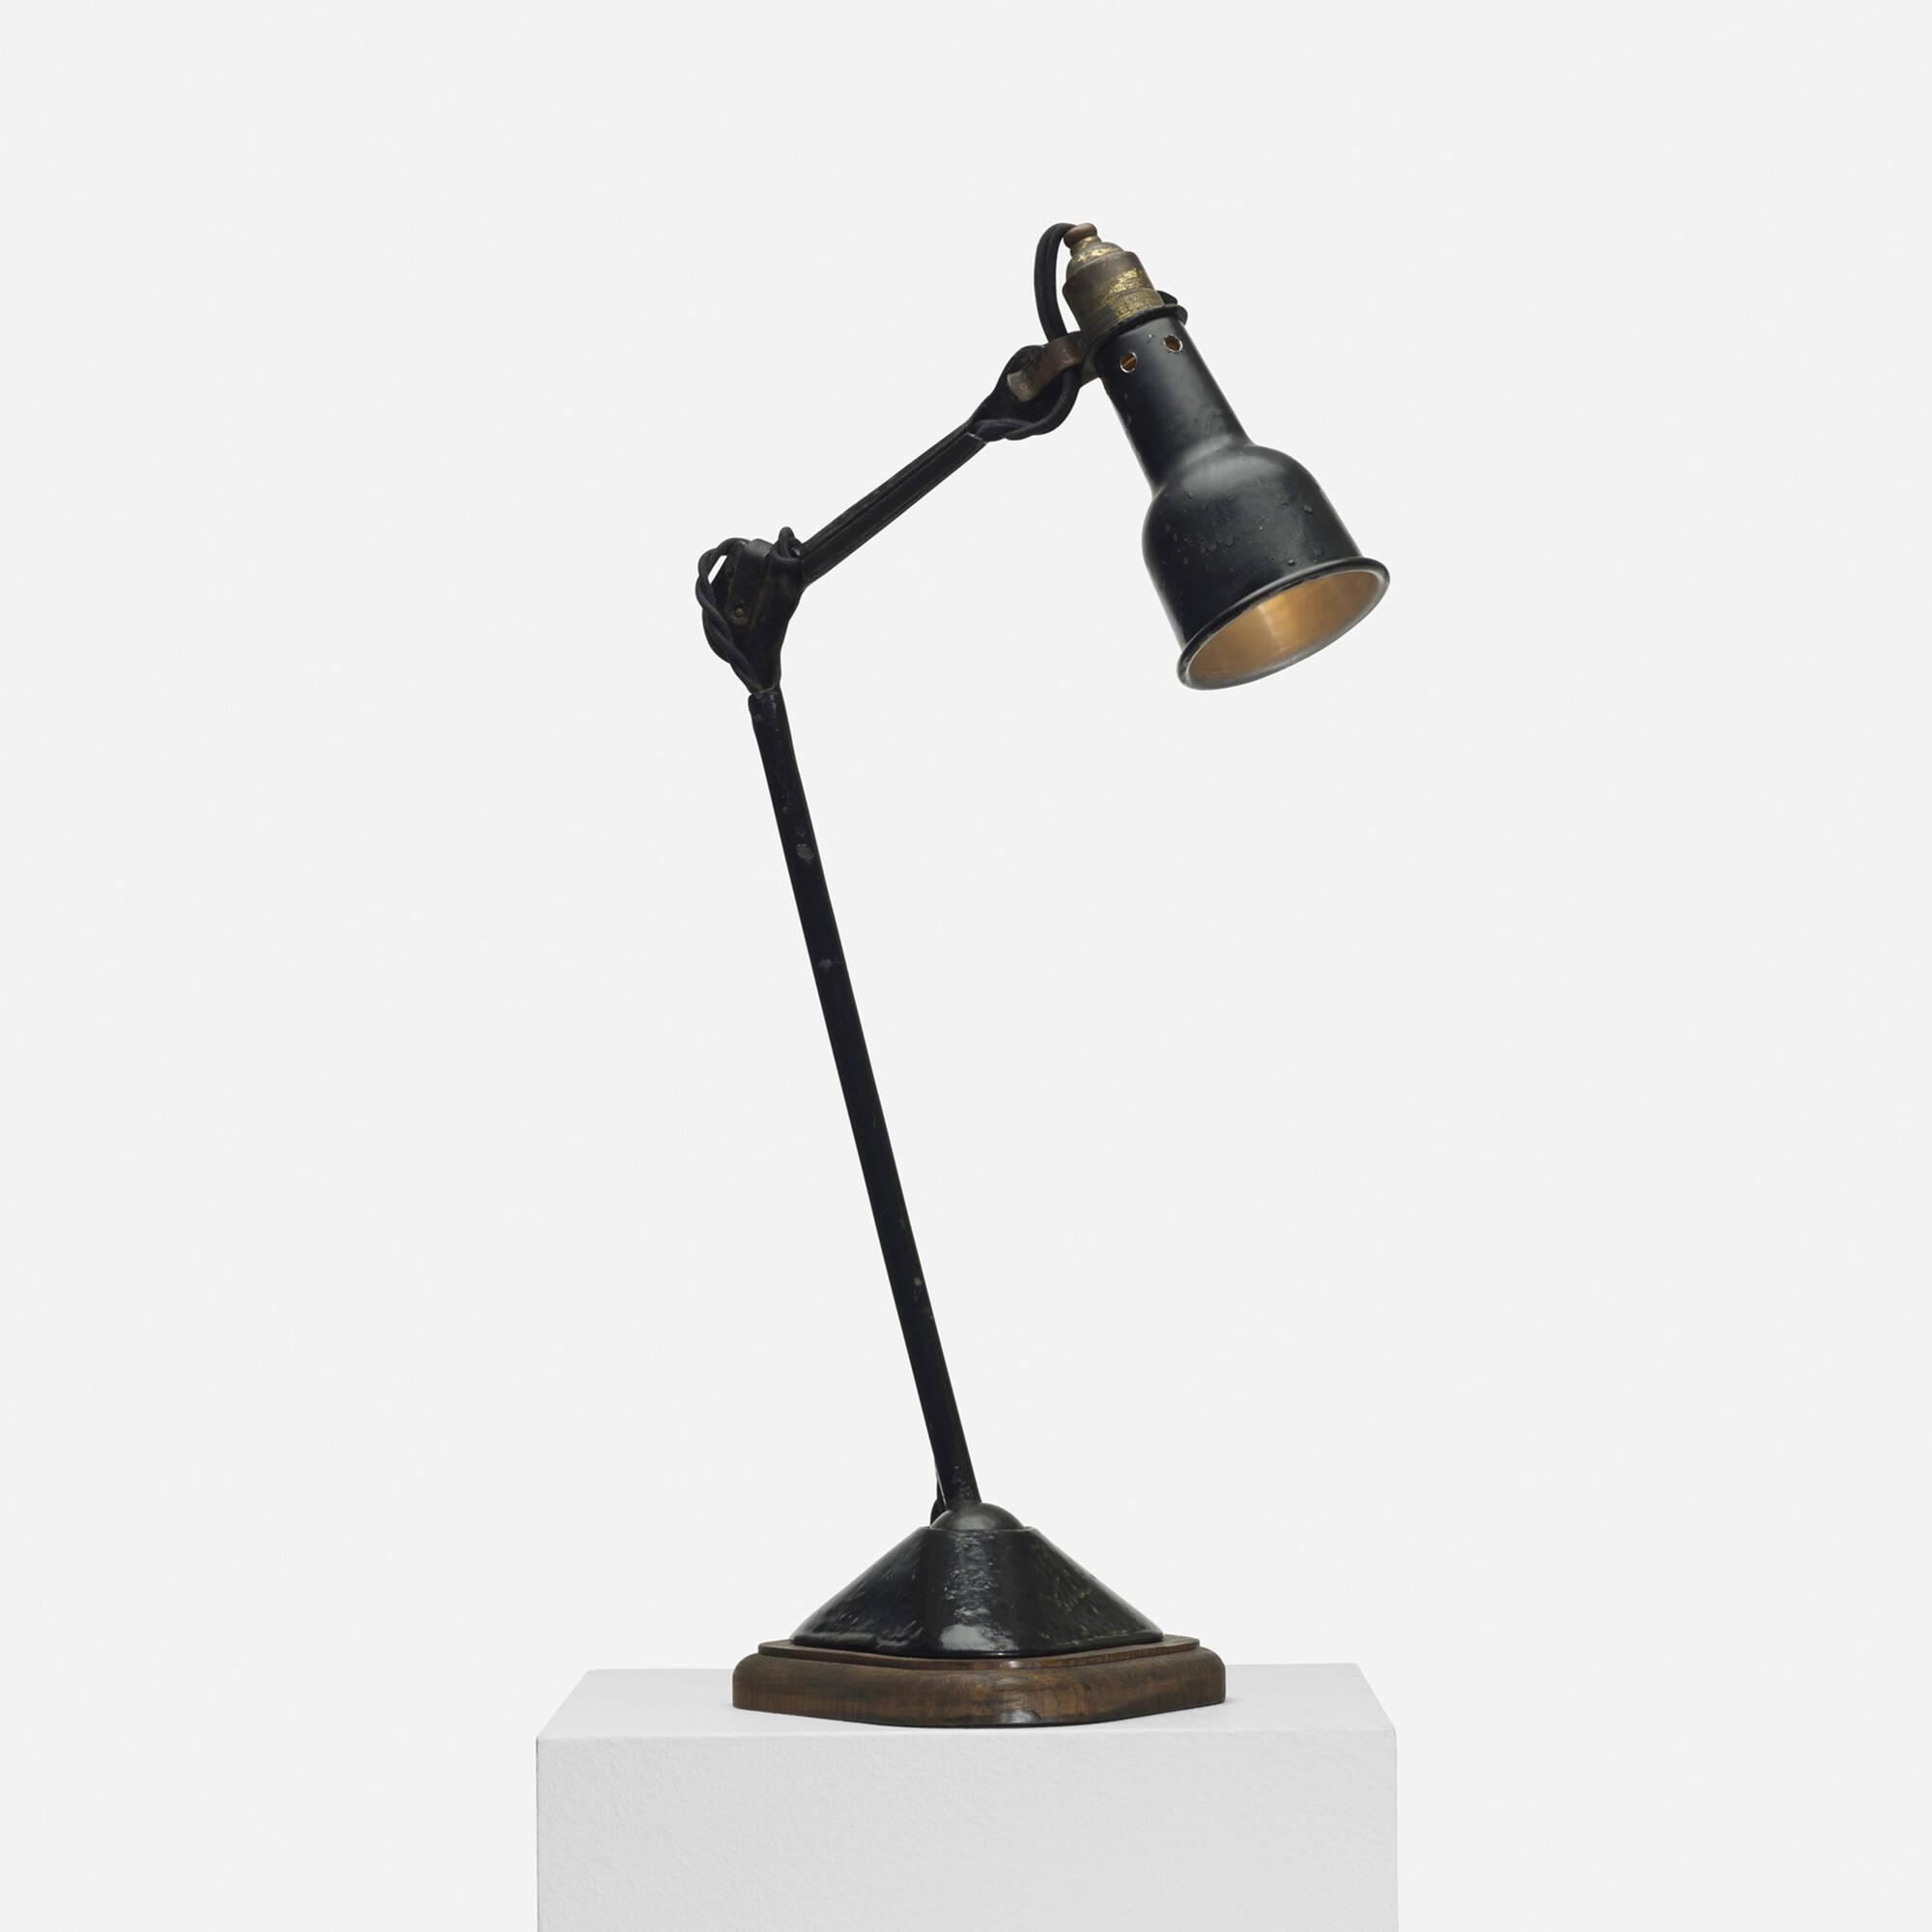 111: BERNARD-ALBIN GRAS, desk lamp, model 207 < Design, 12 June 2014 ...